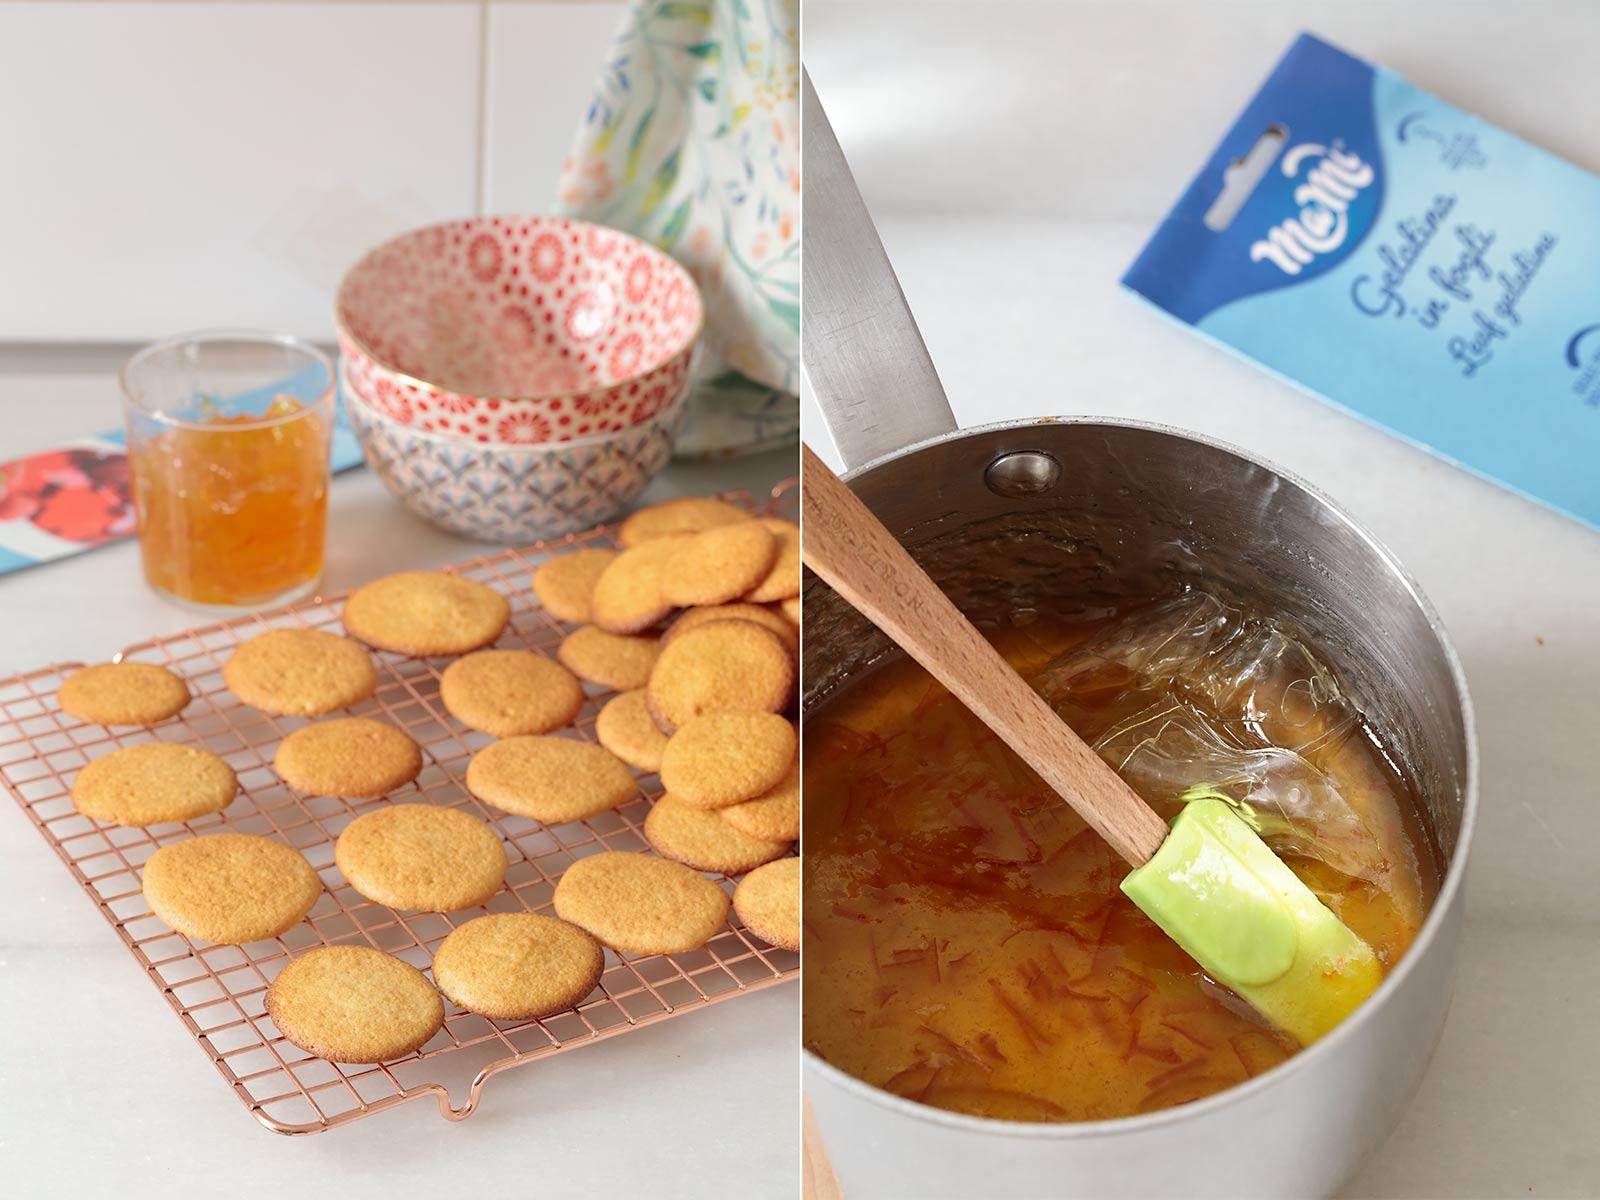 Receta de galletas PiM's de naranja